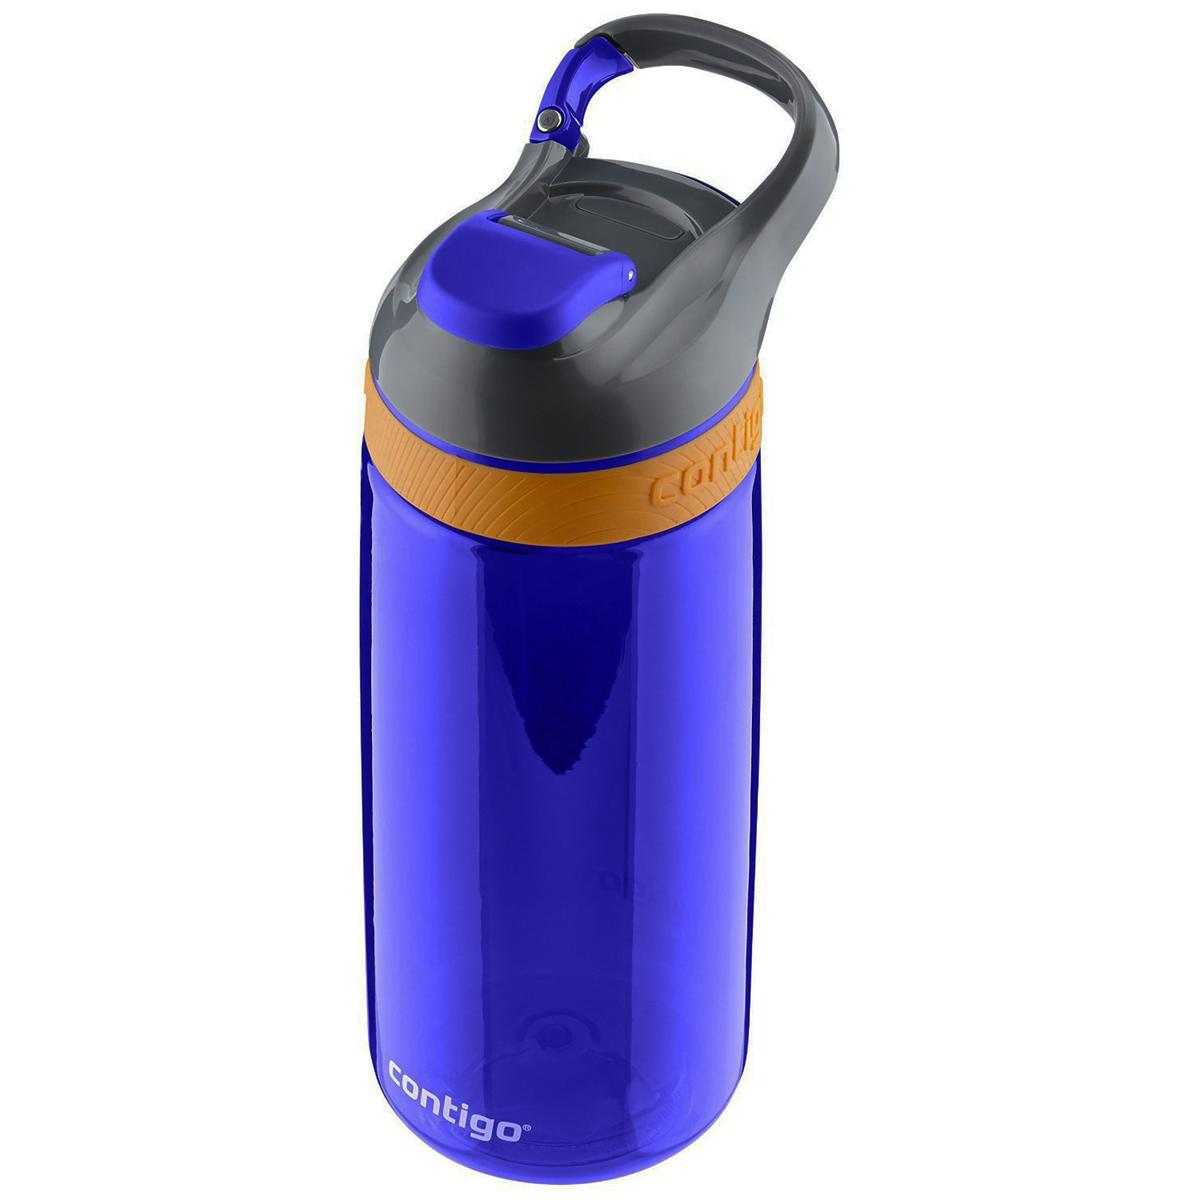 Contigo-20-oz-Kid-039-s-Courtney-AutoSeal-Water-Bottle thumbnail 23